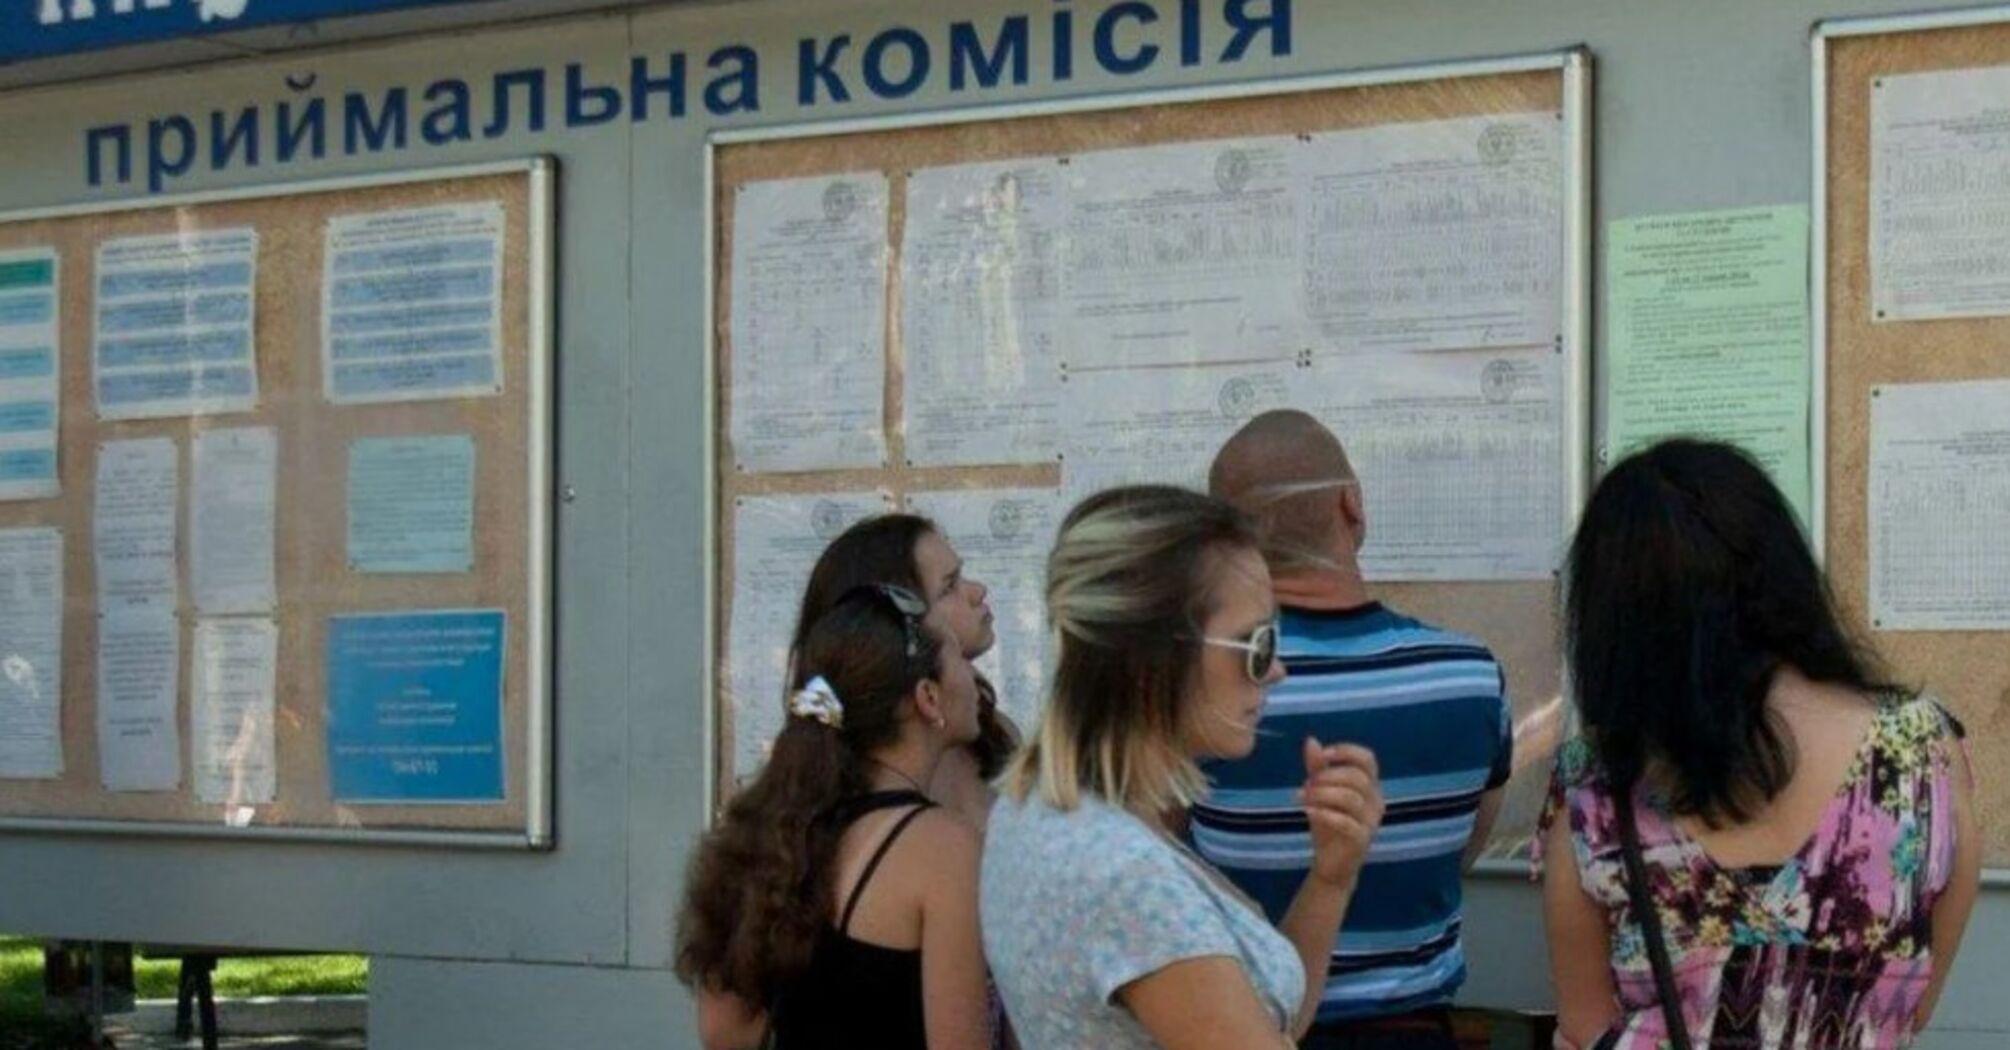 Окупанти не випускають абітурієнтів з ОРДЛО для вступу до українських вишів